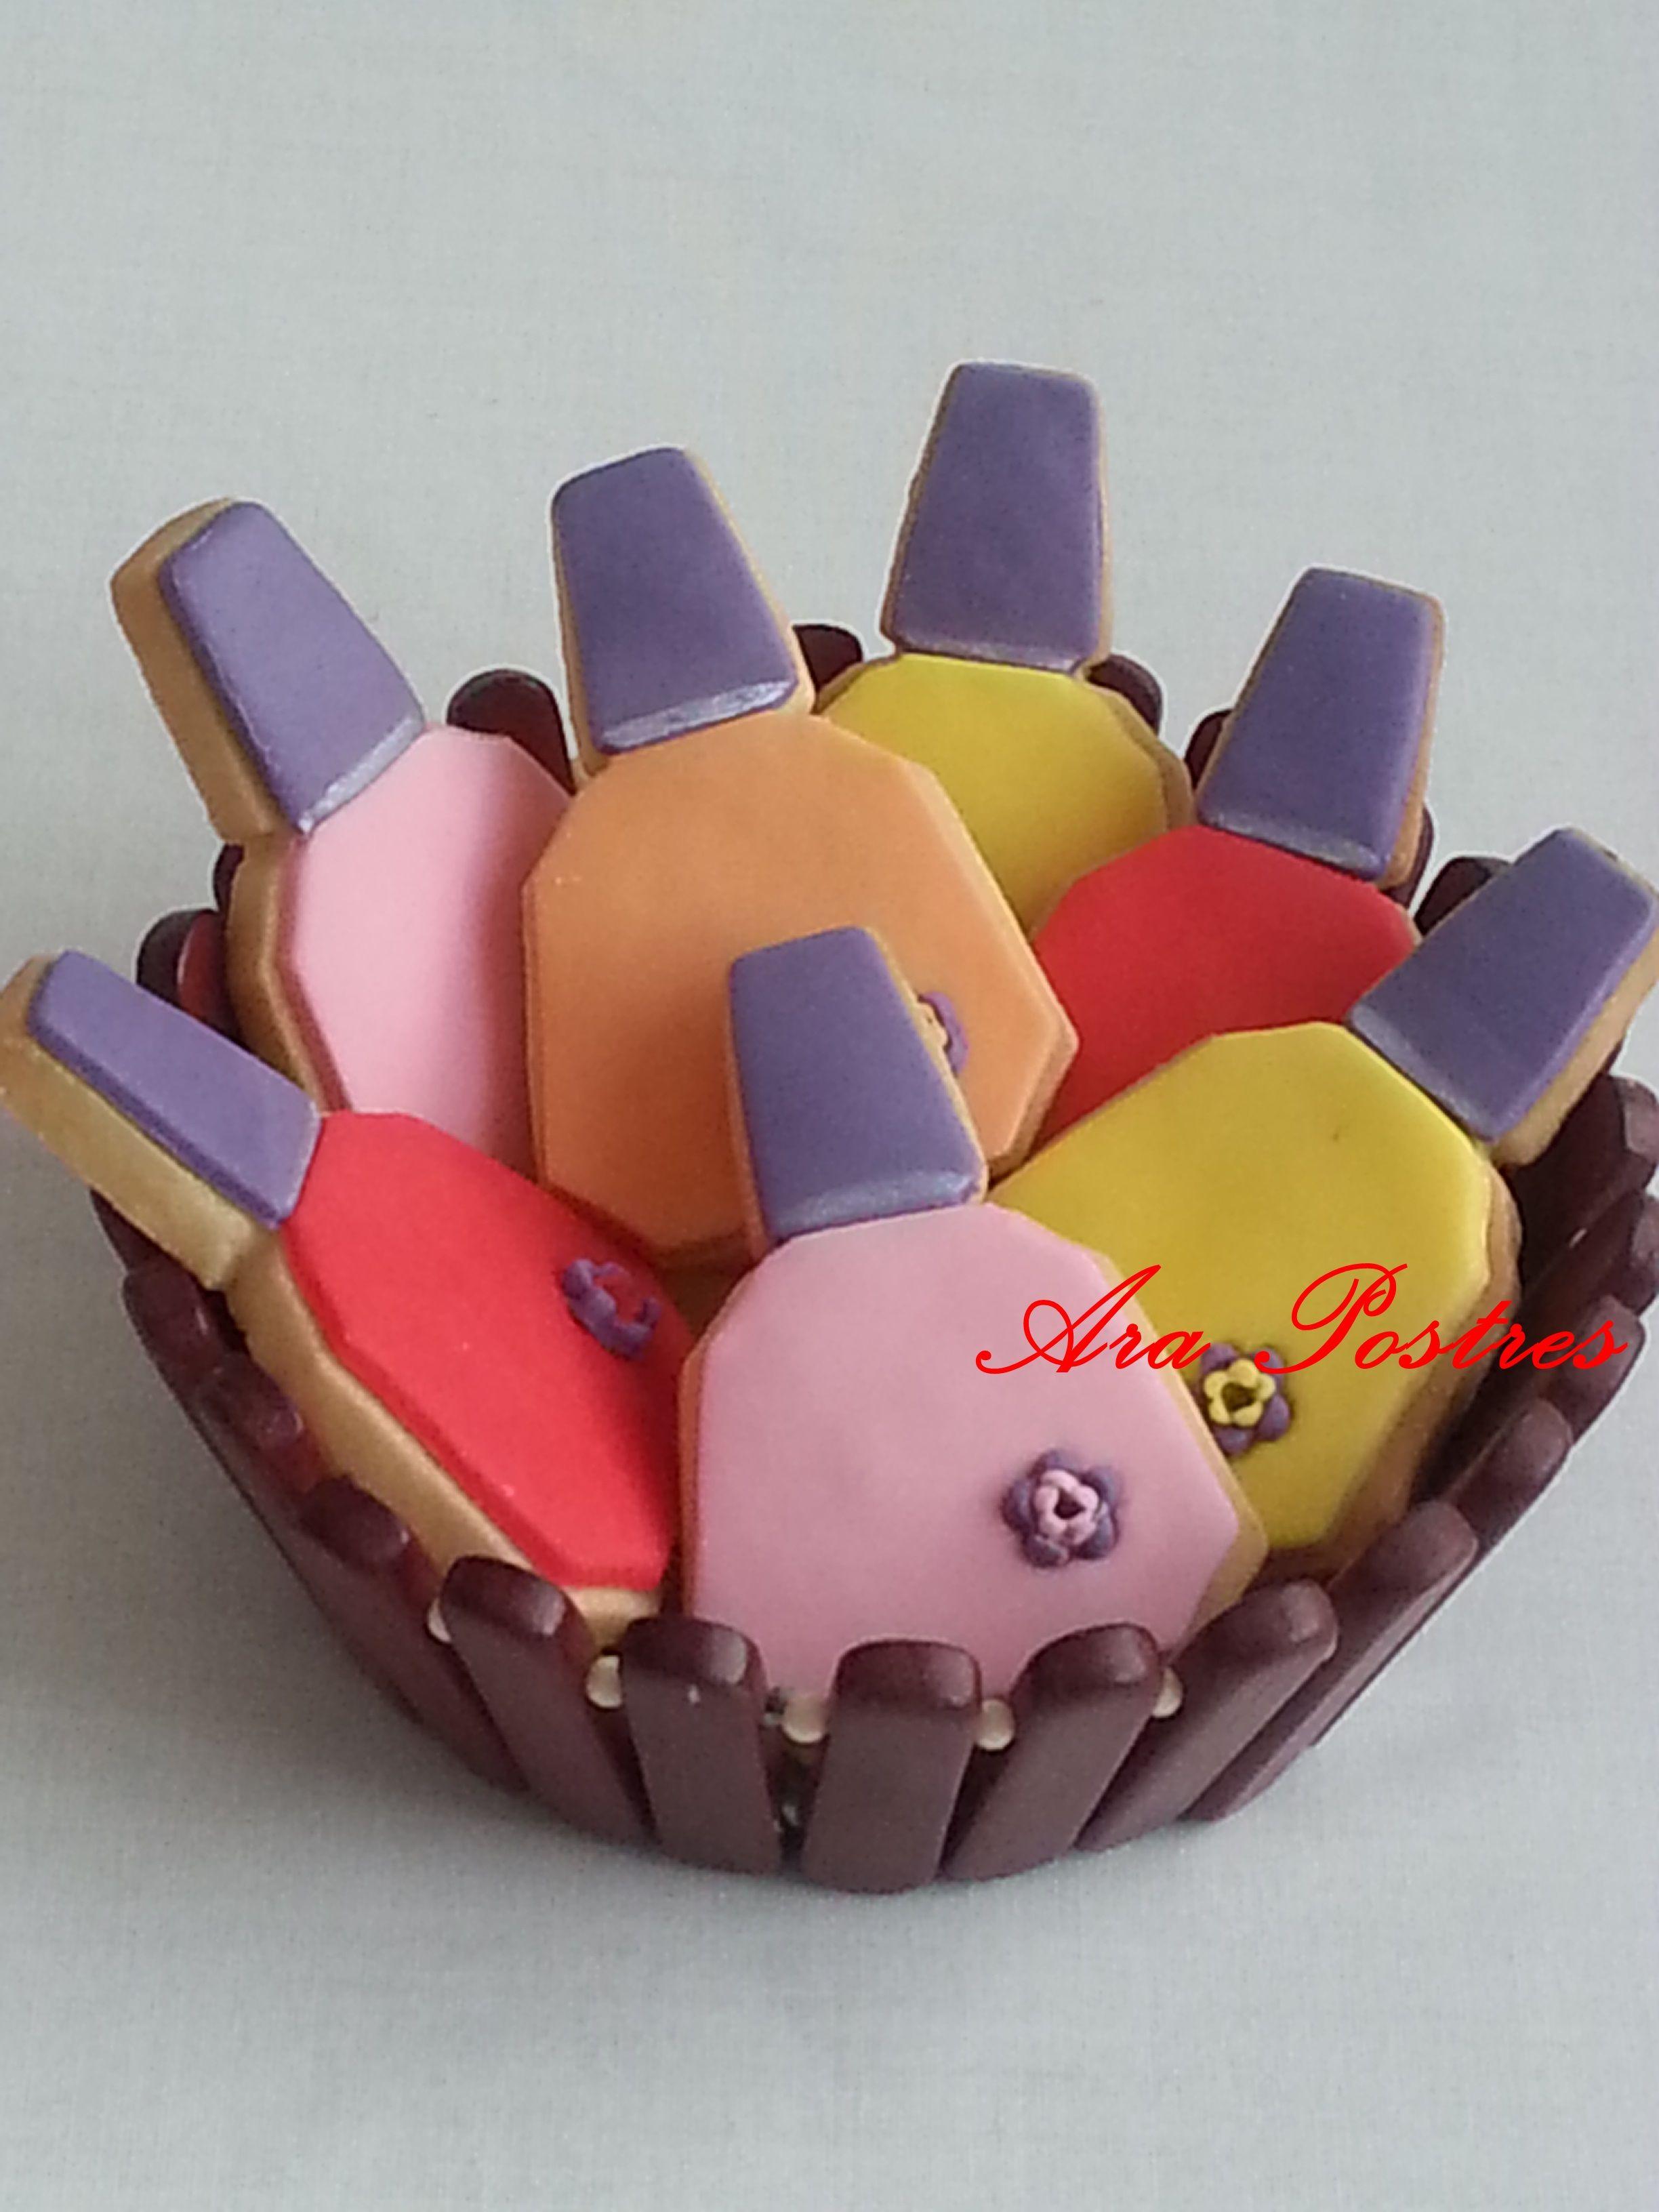 Galleta sesmalte de uñas #arapostres #galletasfondant